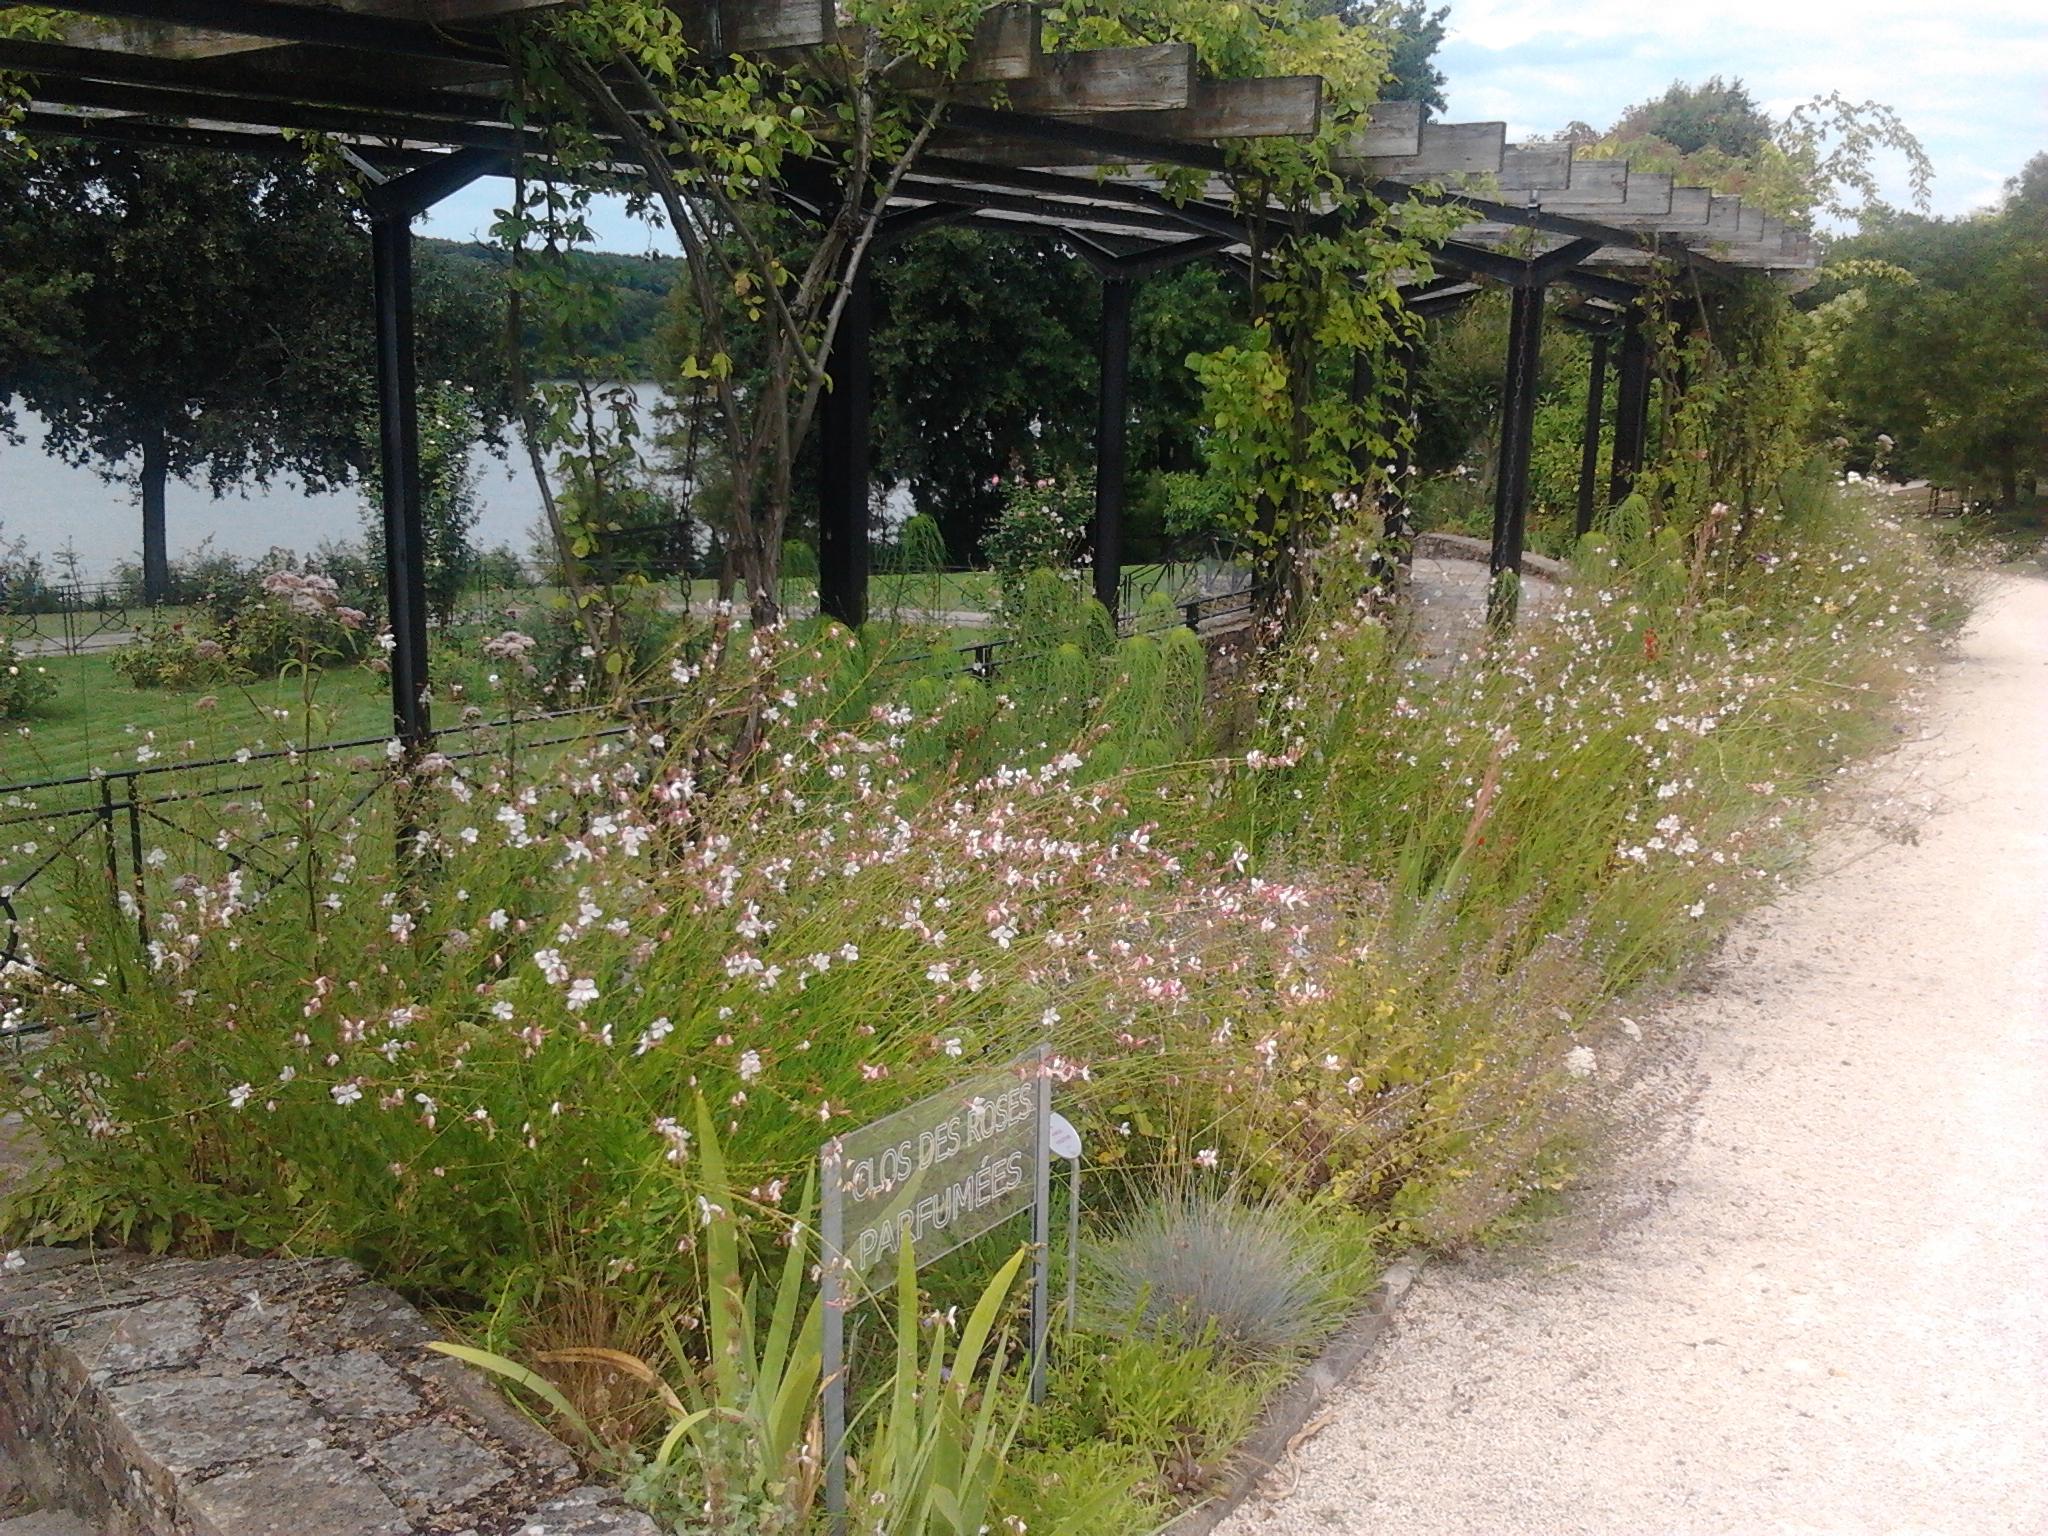 Parc floral de la beaujoire nantes 44 jardinier conseil for Jardinier paysagiste nantes